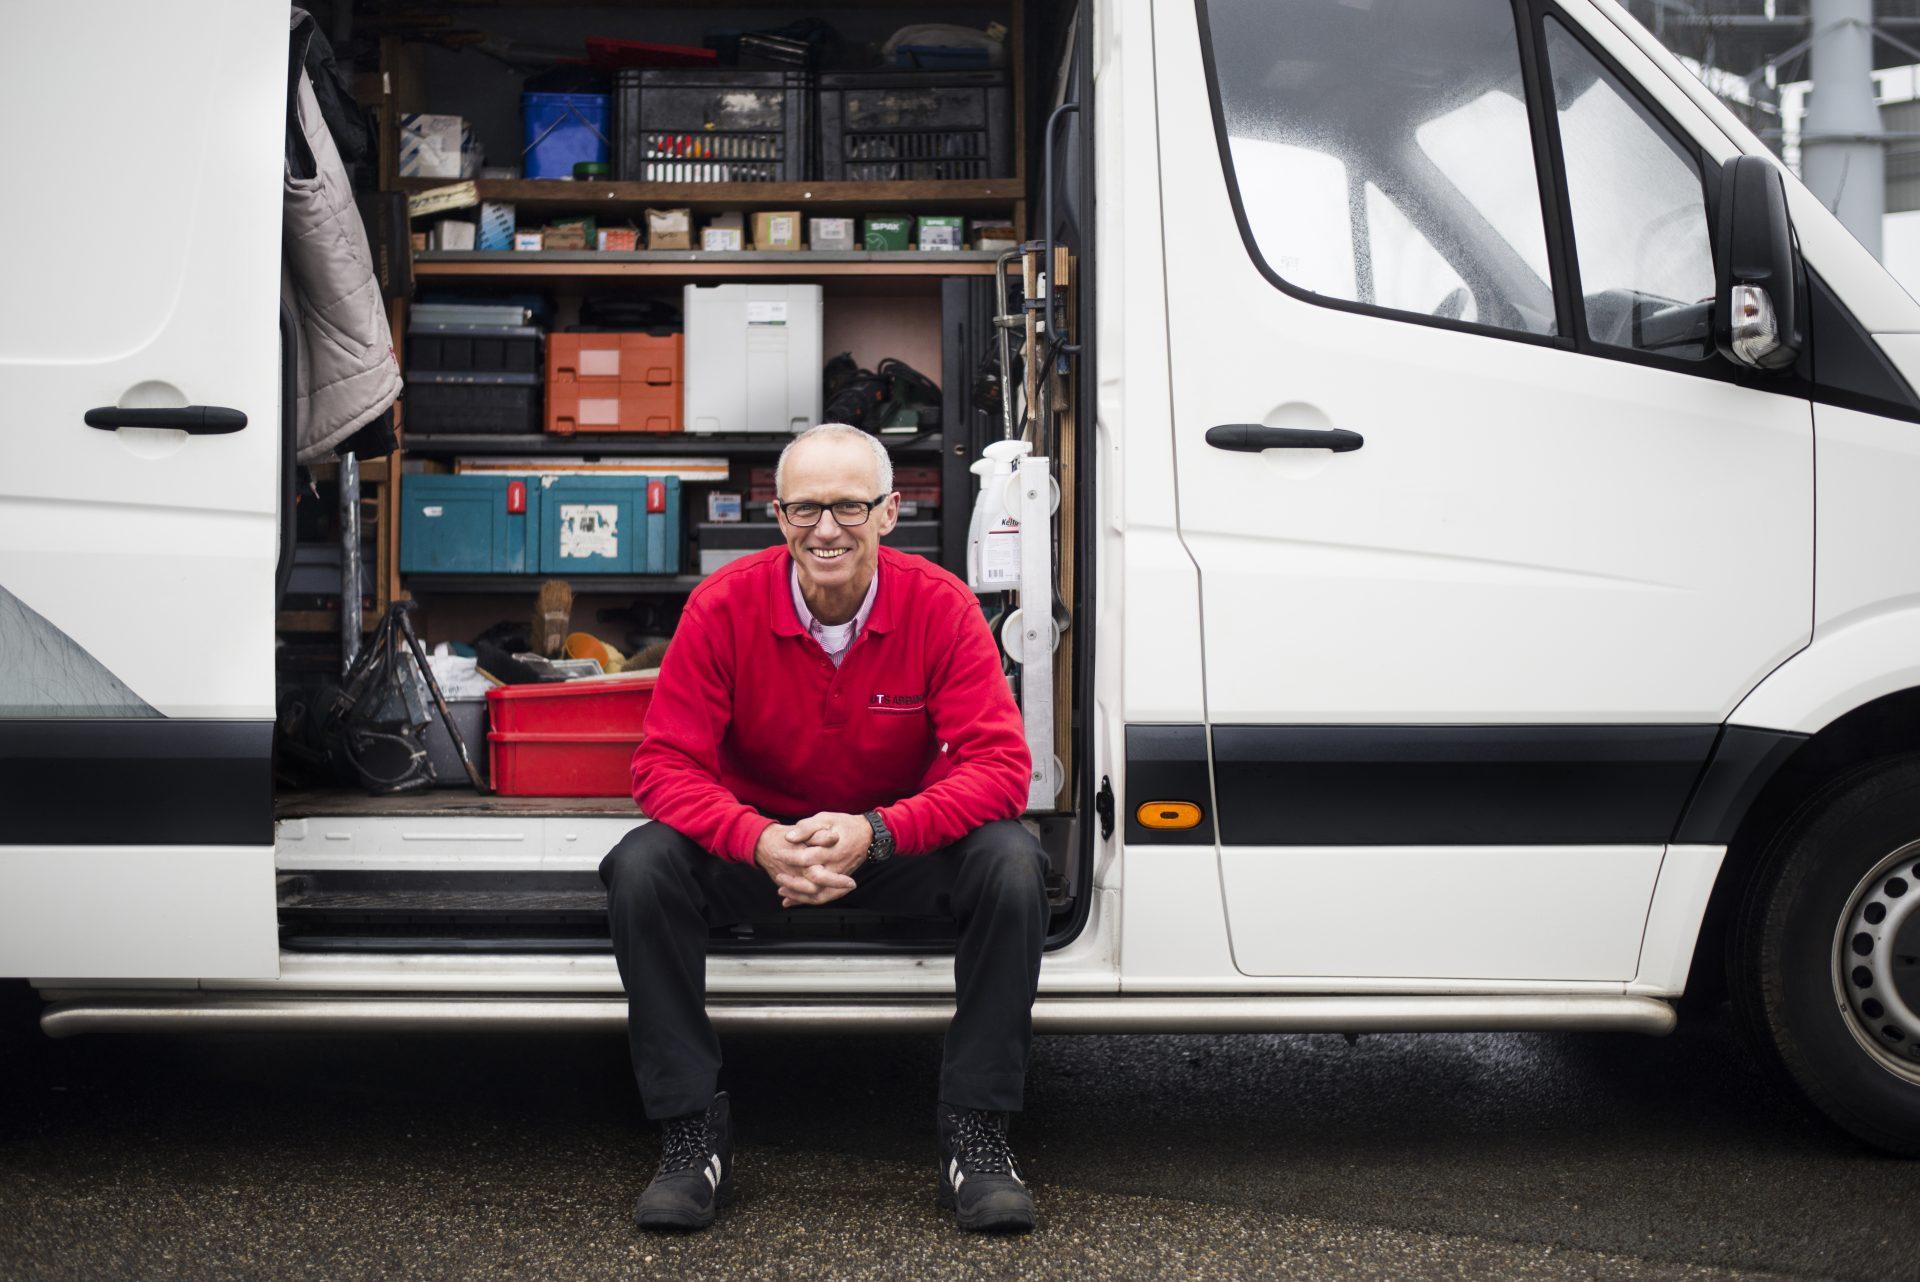 medewerkers - handyman - UTS Verkroost Nijmegen